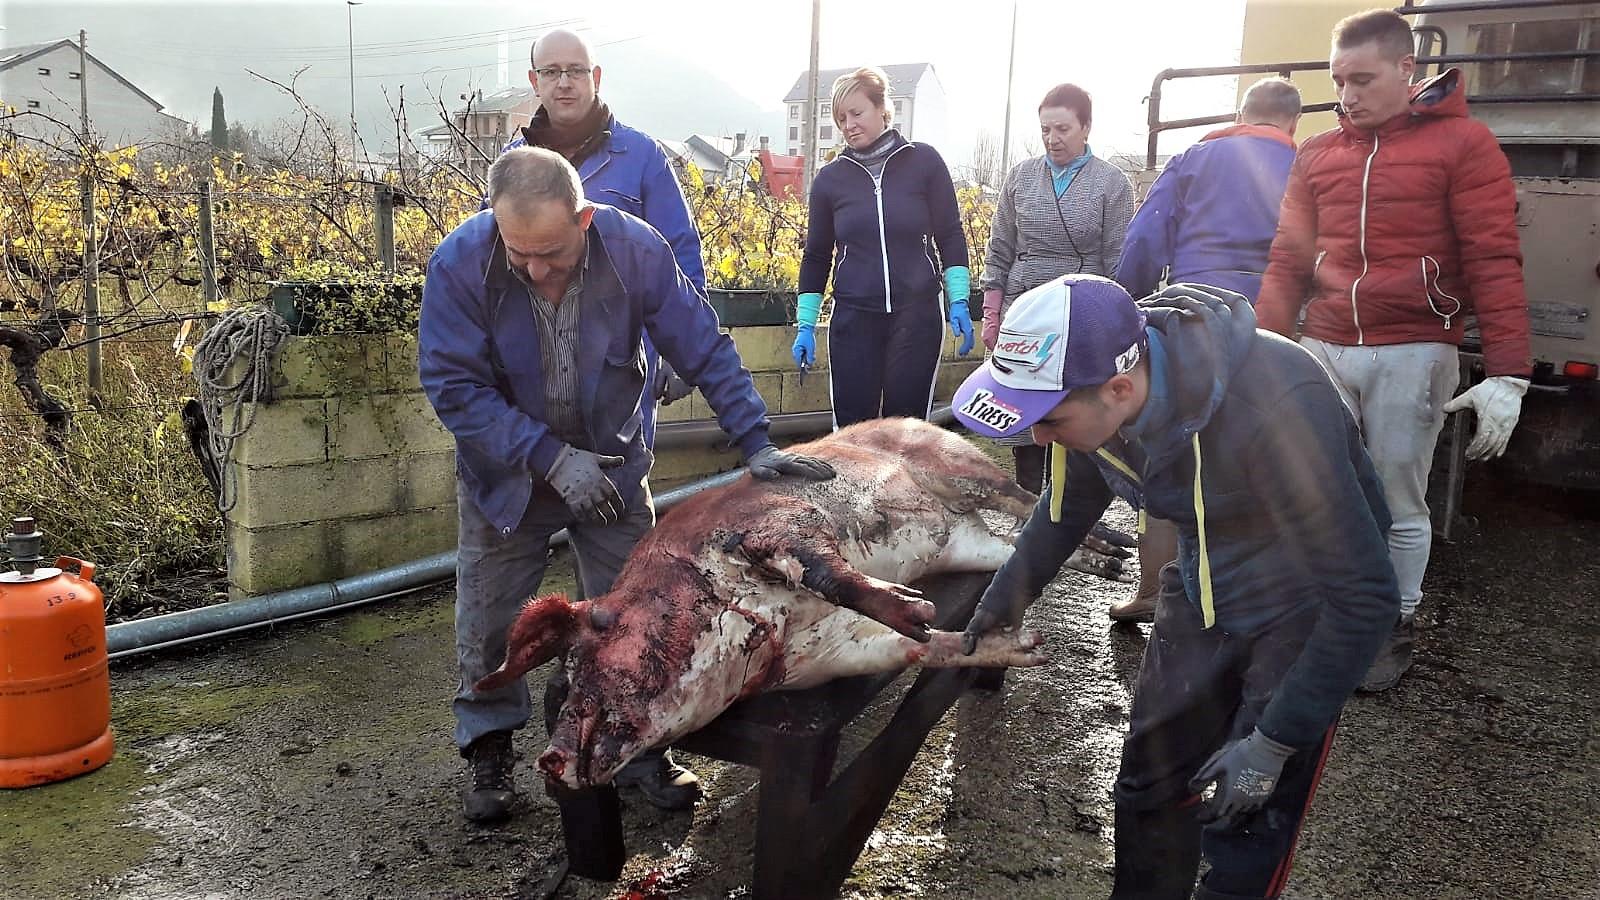 La matanza del cerdo: la supervivencia de una tradición